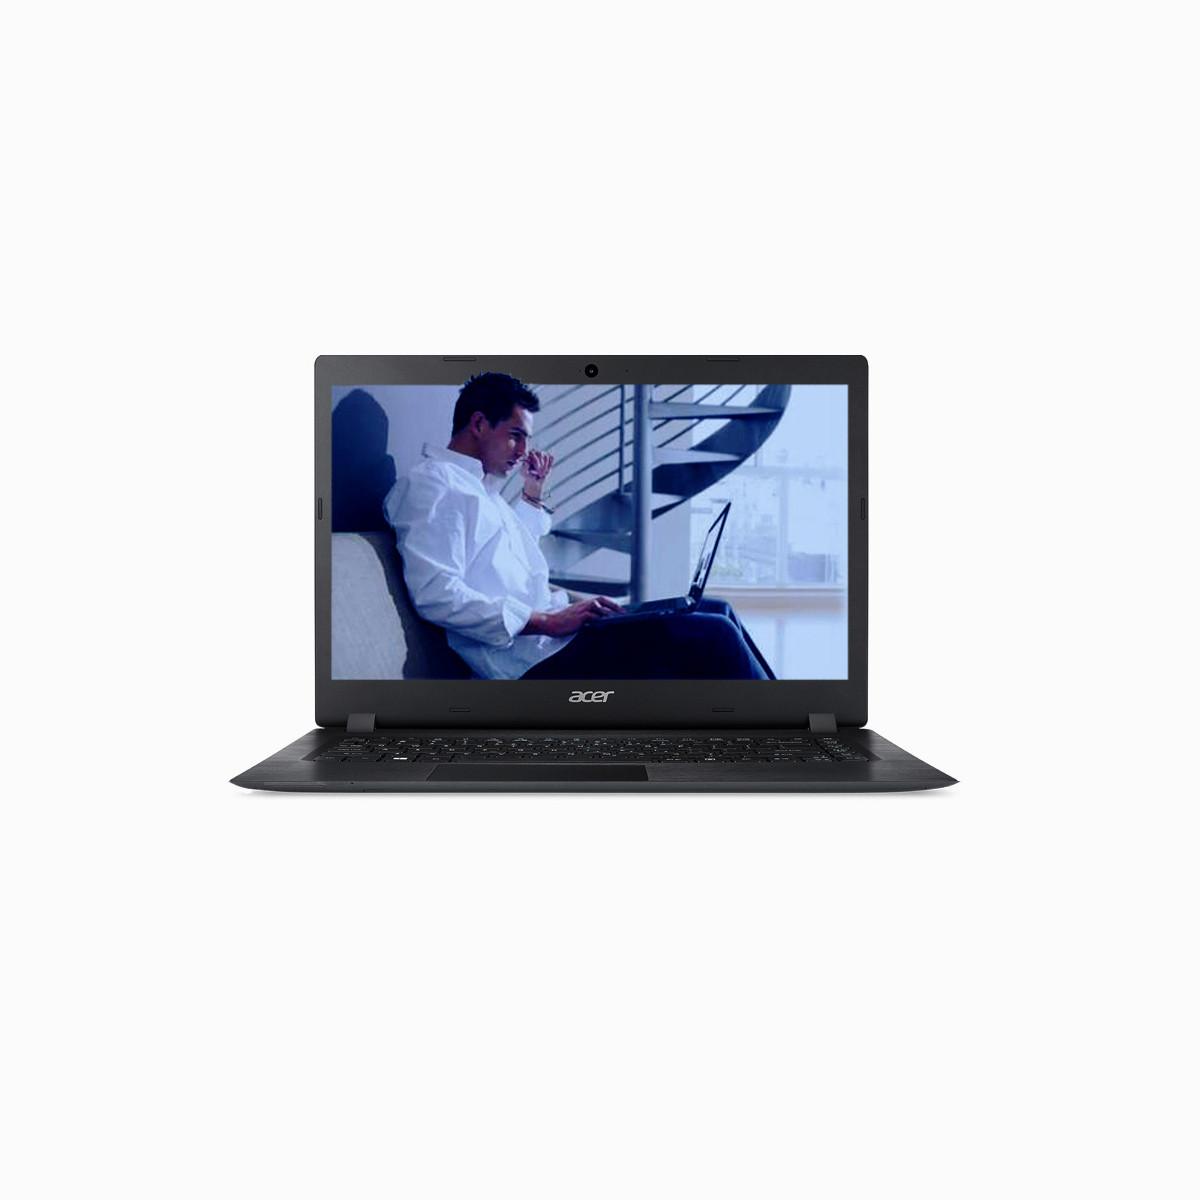 宏碁 A314/A315 轻薄便携学习商务办公笔记本电脑